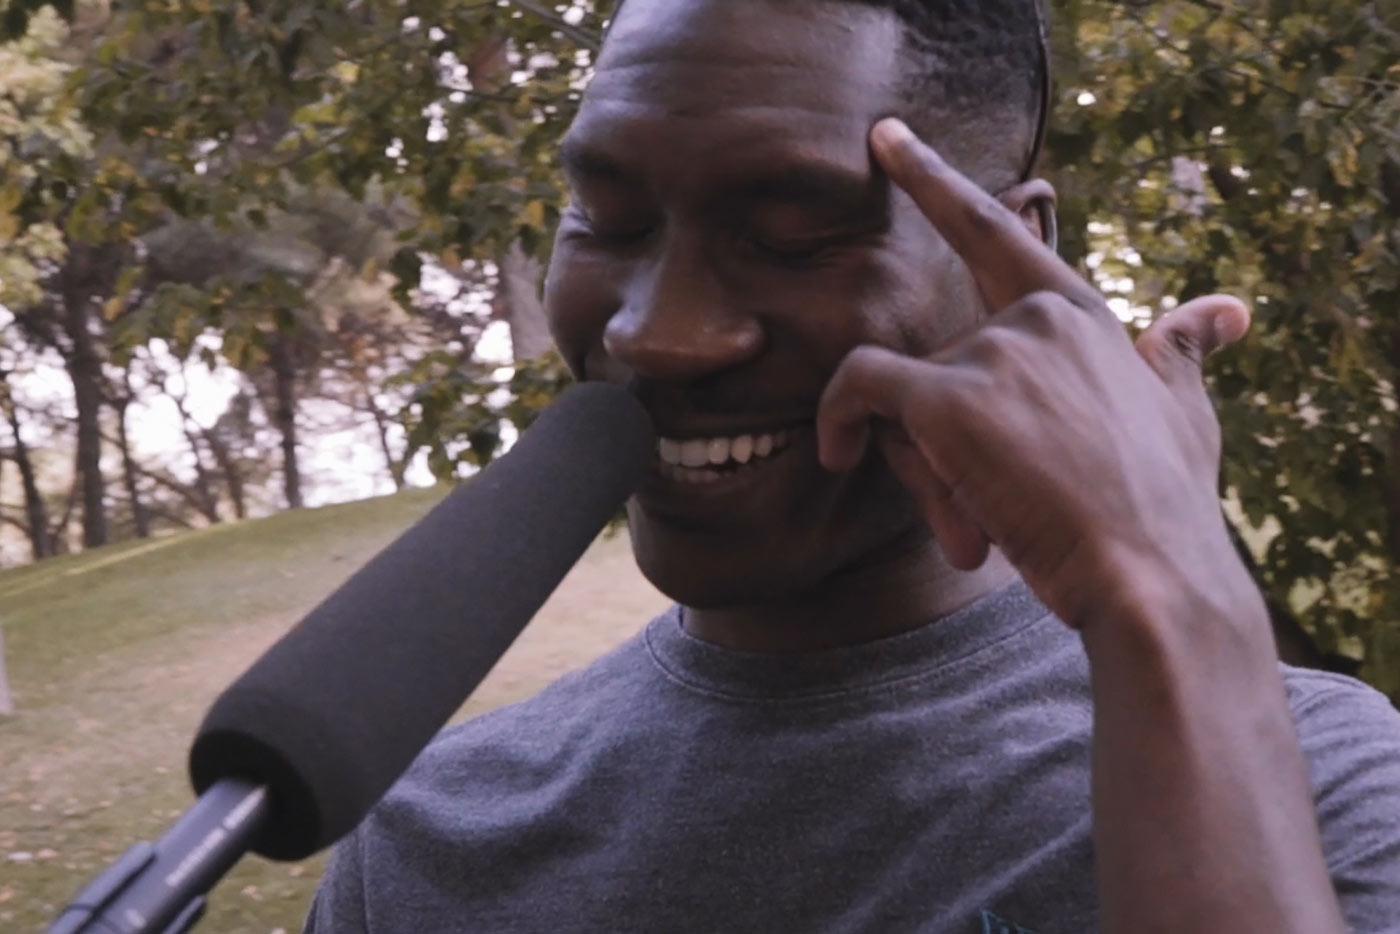 Duddi Wallace protagoniza el segundo vídeo en colaboración con Ubeeqo